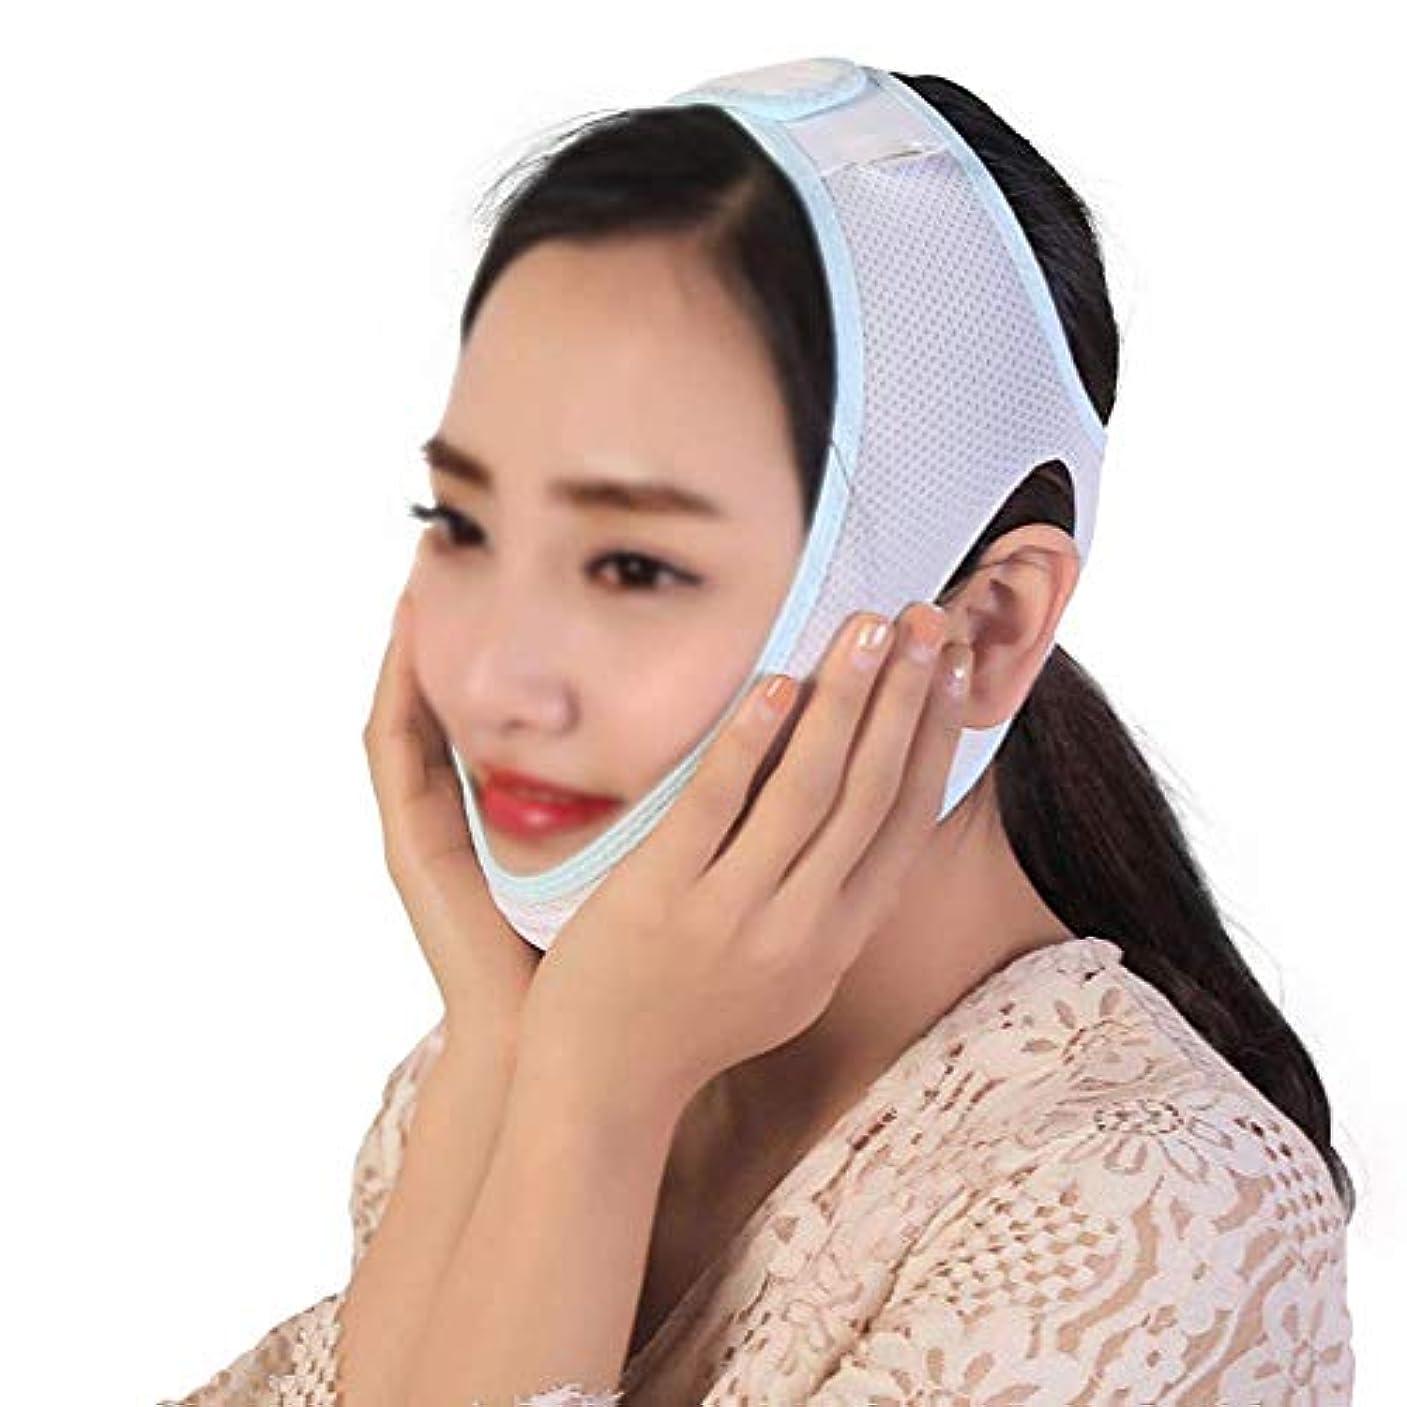 除外するのど息苦しいファーミングフェイスマスク、スモールVフェイスアーティファクトリフティングフェイスプラスチックフェイスマスクコンフォートアップグレード最適化フェイスカーブの向上包括的な 包帯(サイズ:L),M